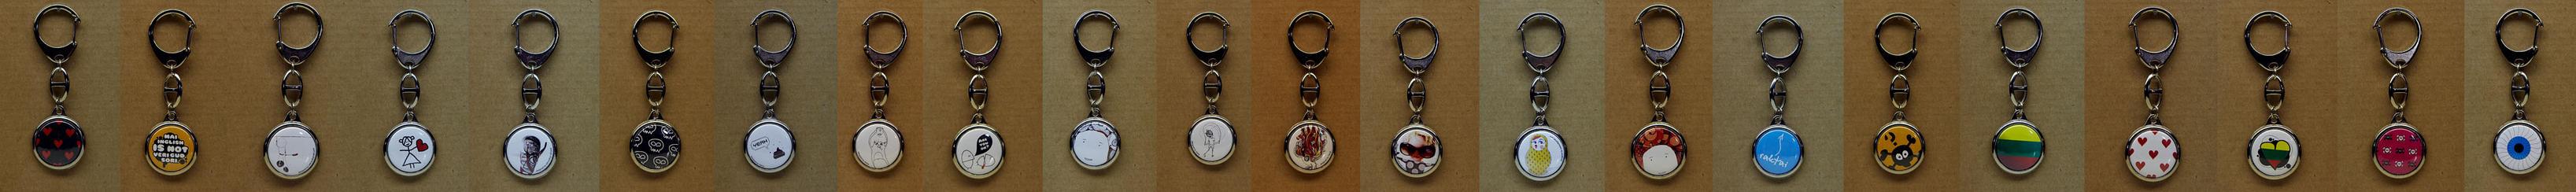 Keychains by dblg